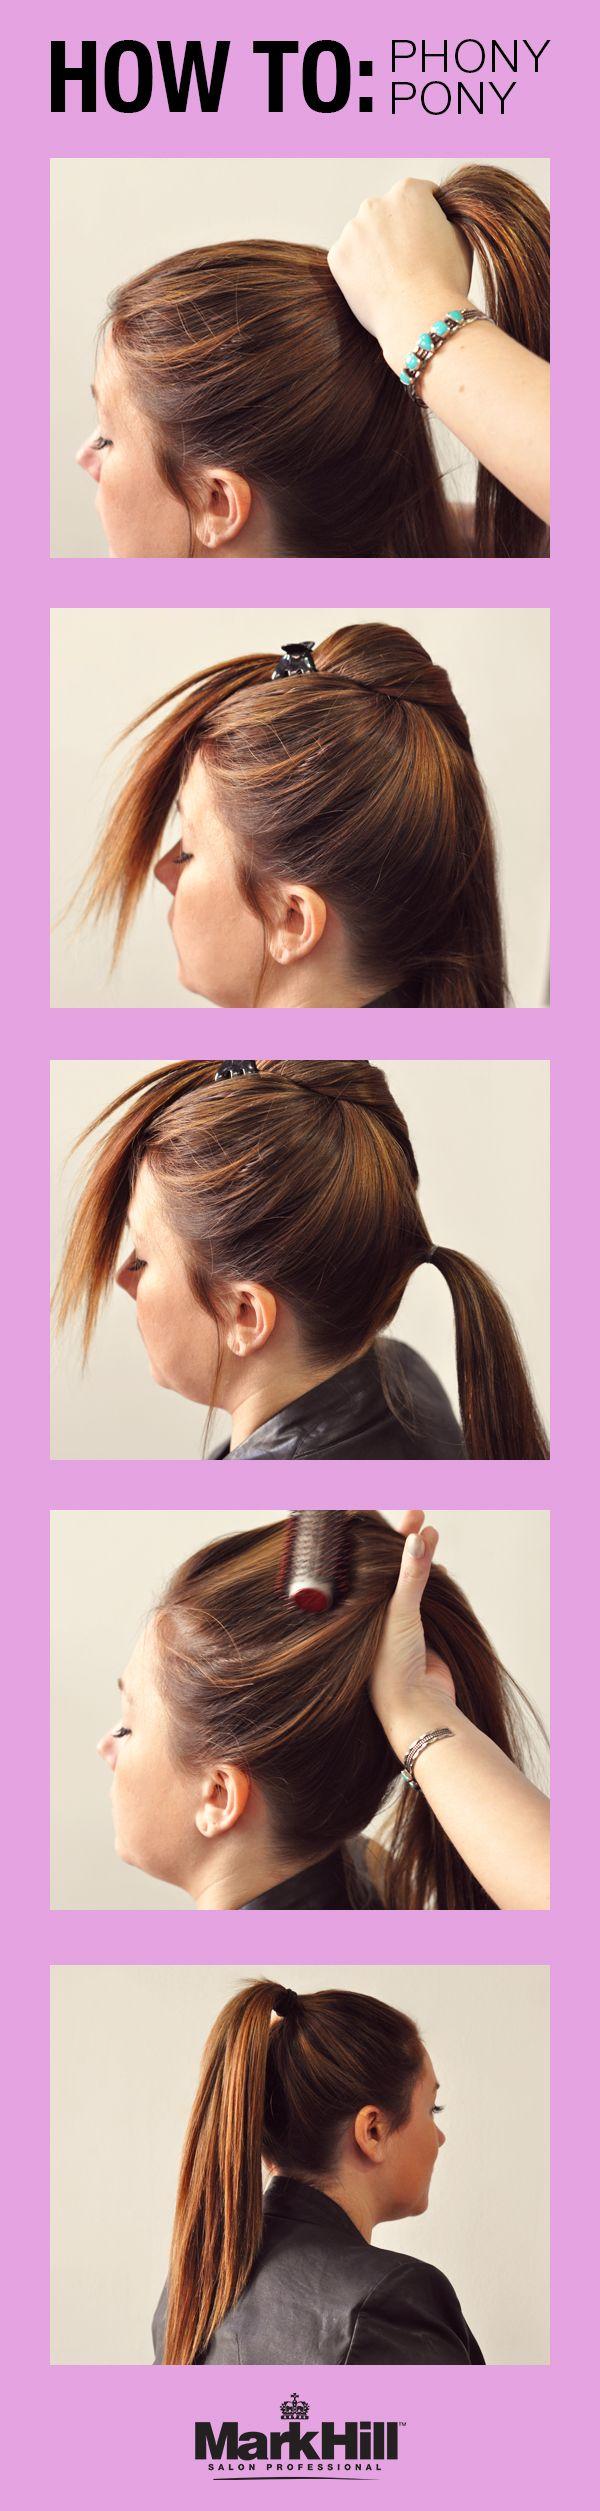 how to make hair fuller and longer